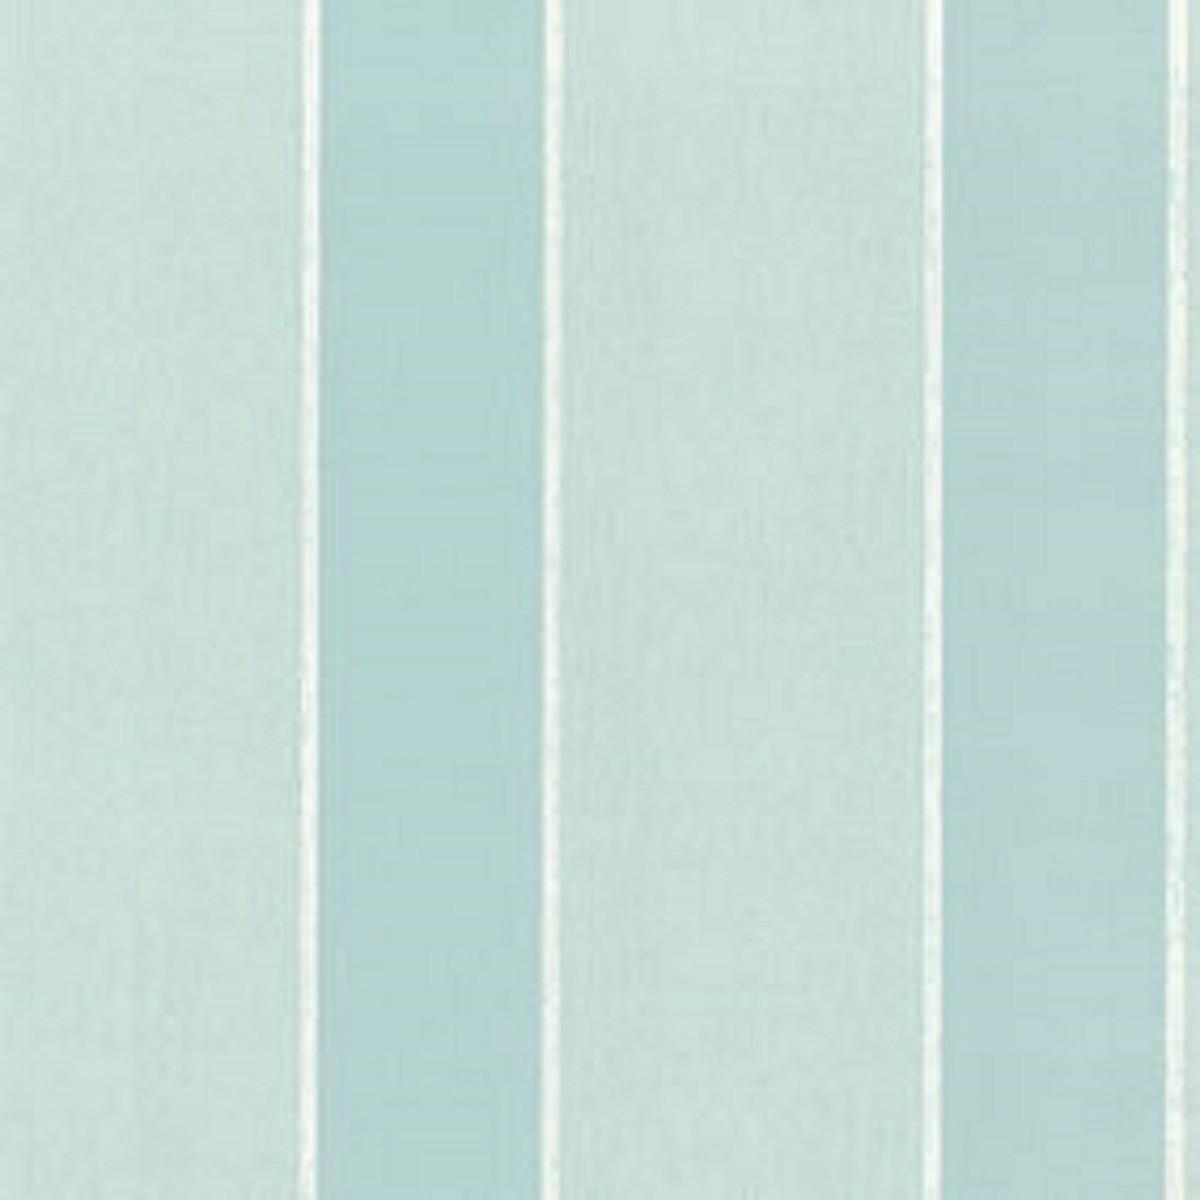 Виниловые обои York Wallcoverings голубые VR8046 0.52 м